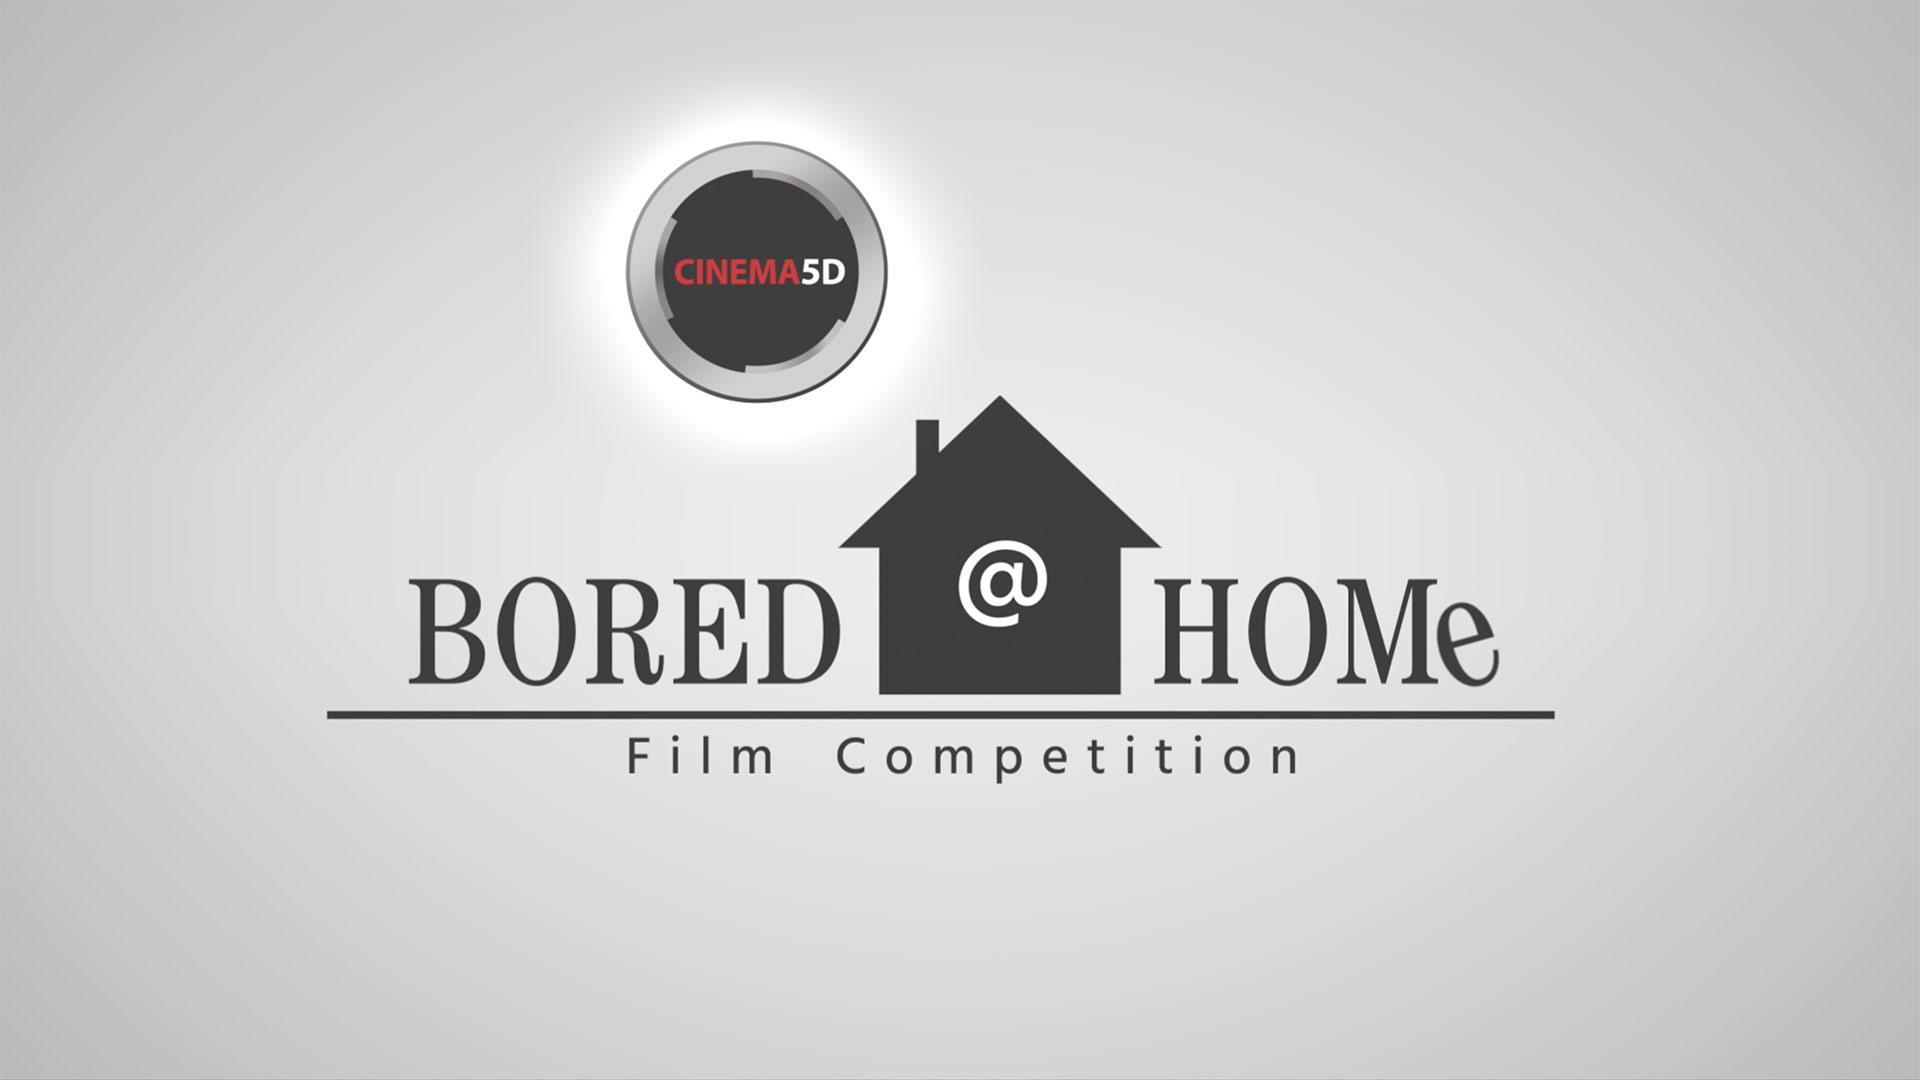 cinema5Dが60秒ビデオコンペティションを開催